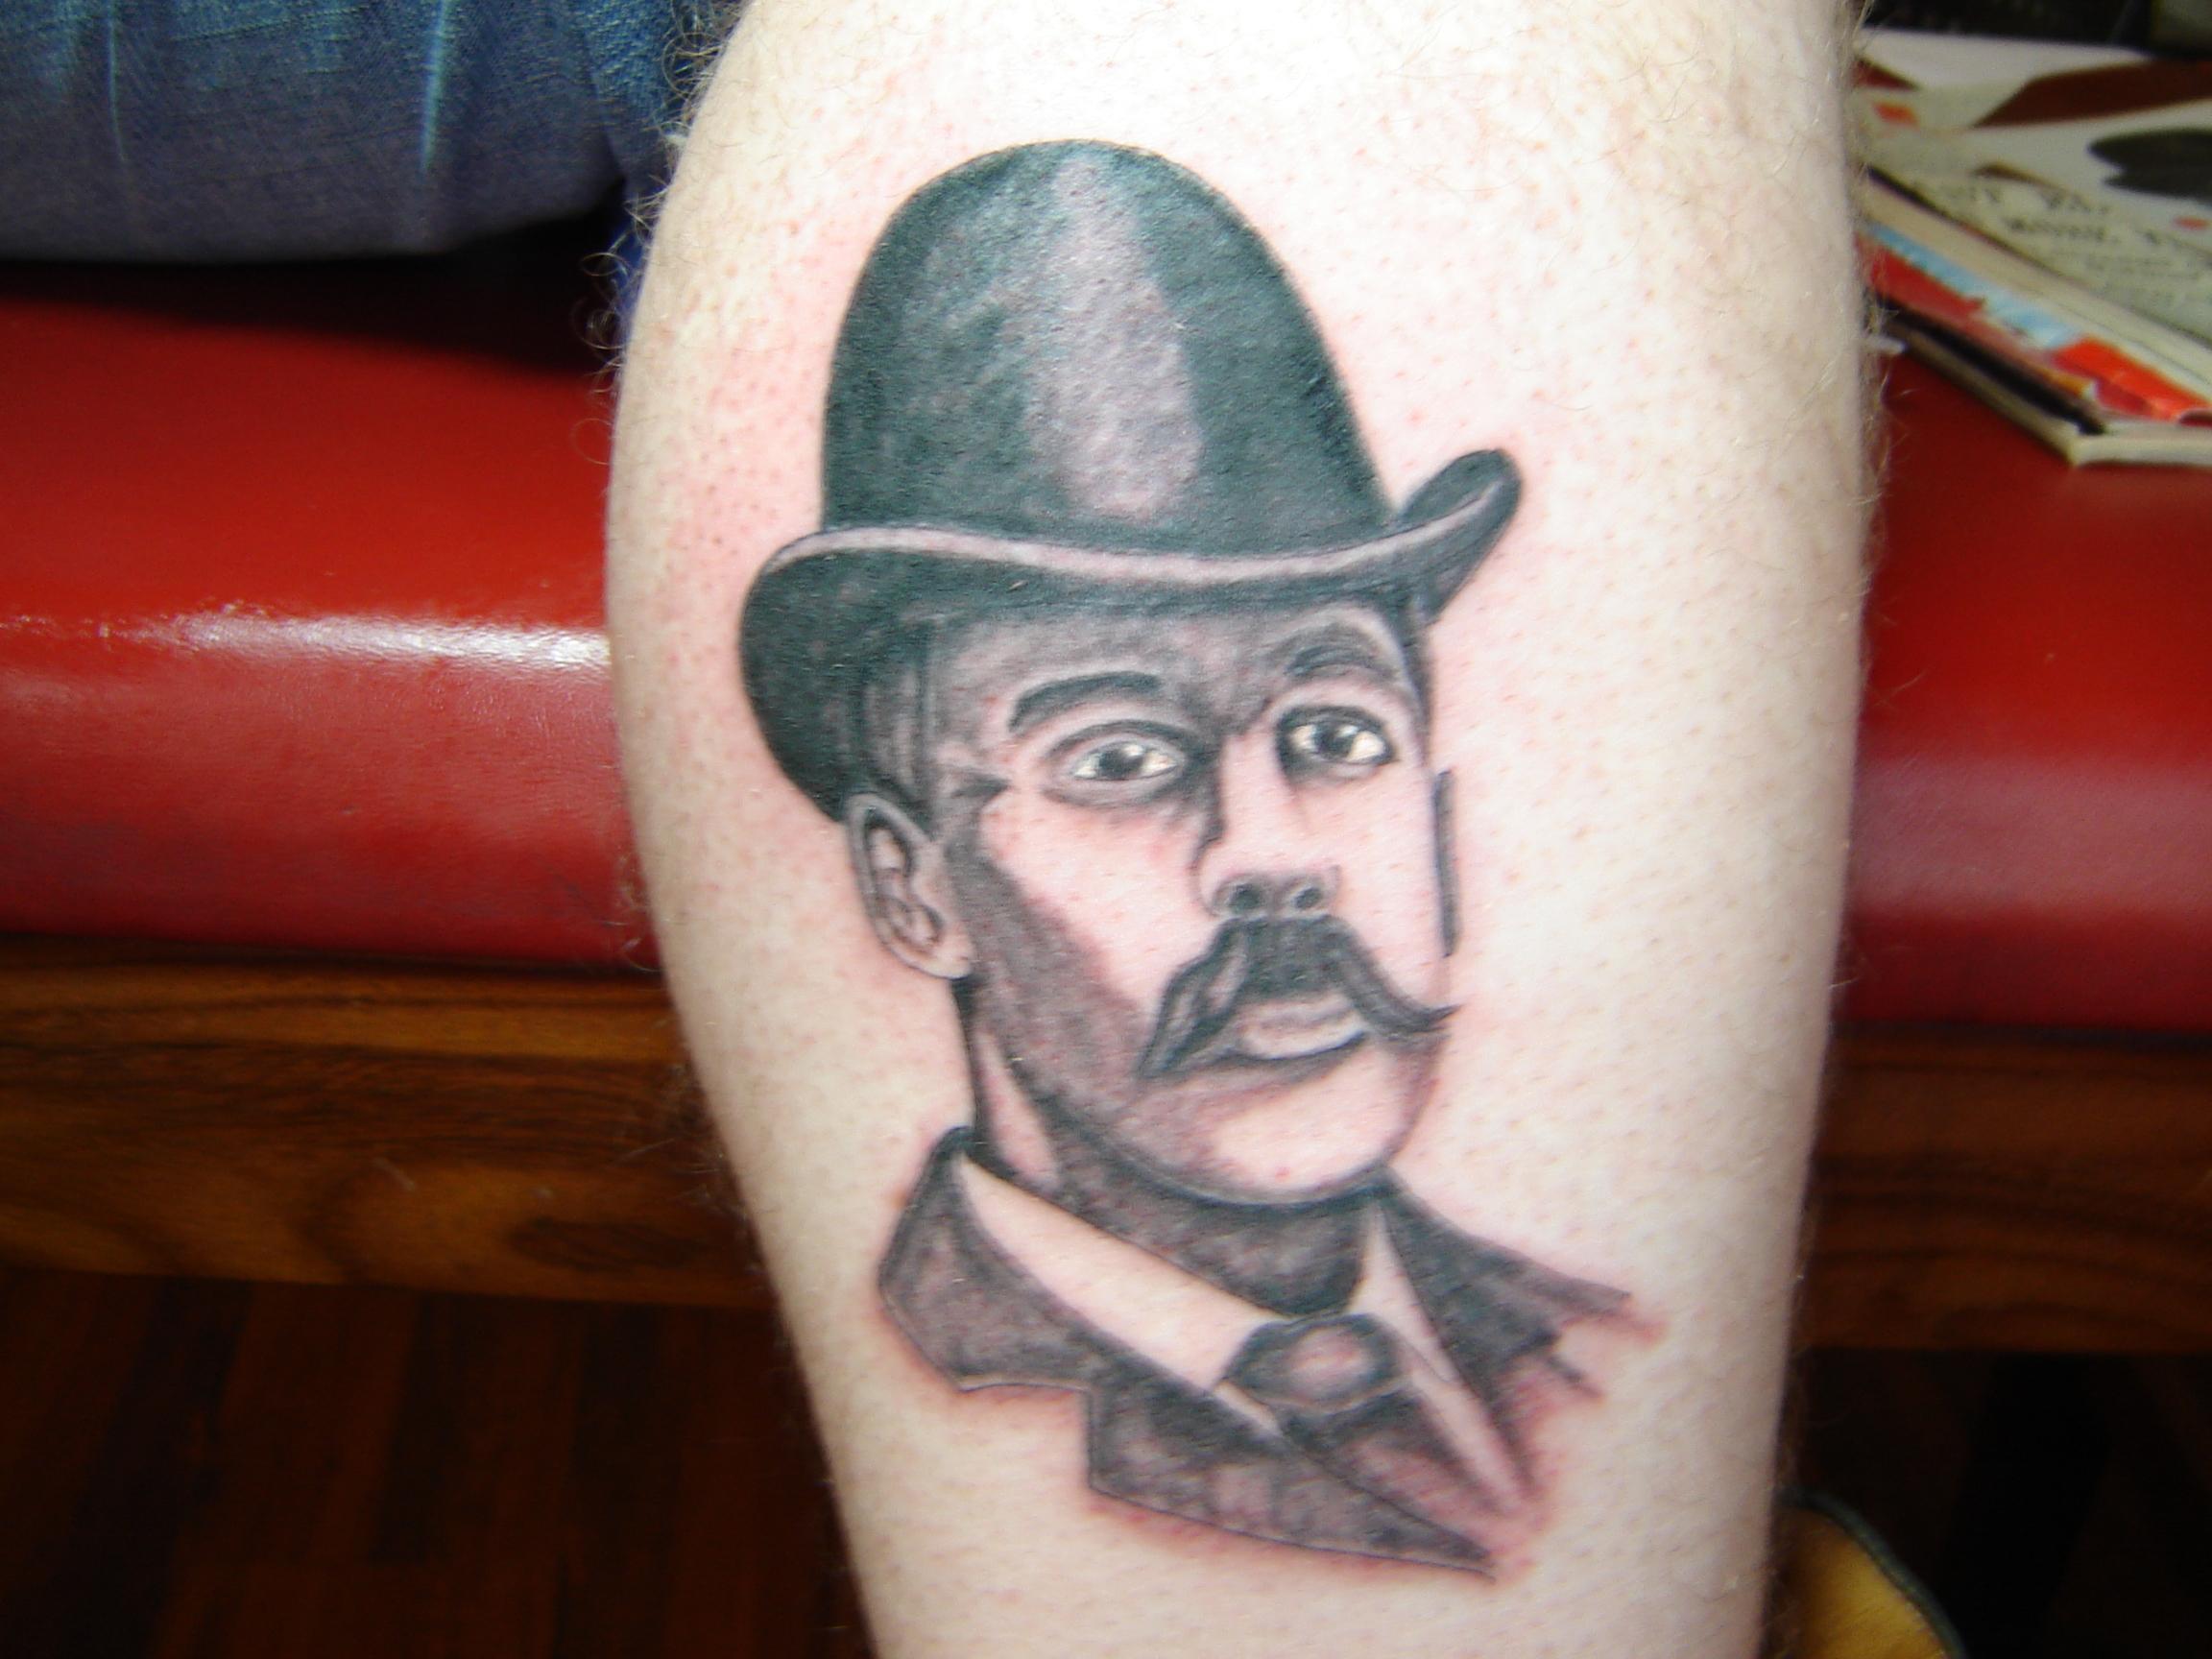 Fauns blog Tattoo Designs For Girls hands 2304x1728